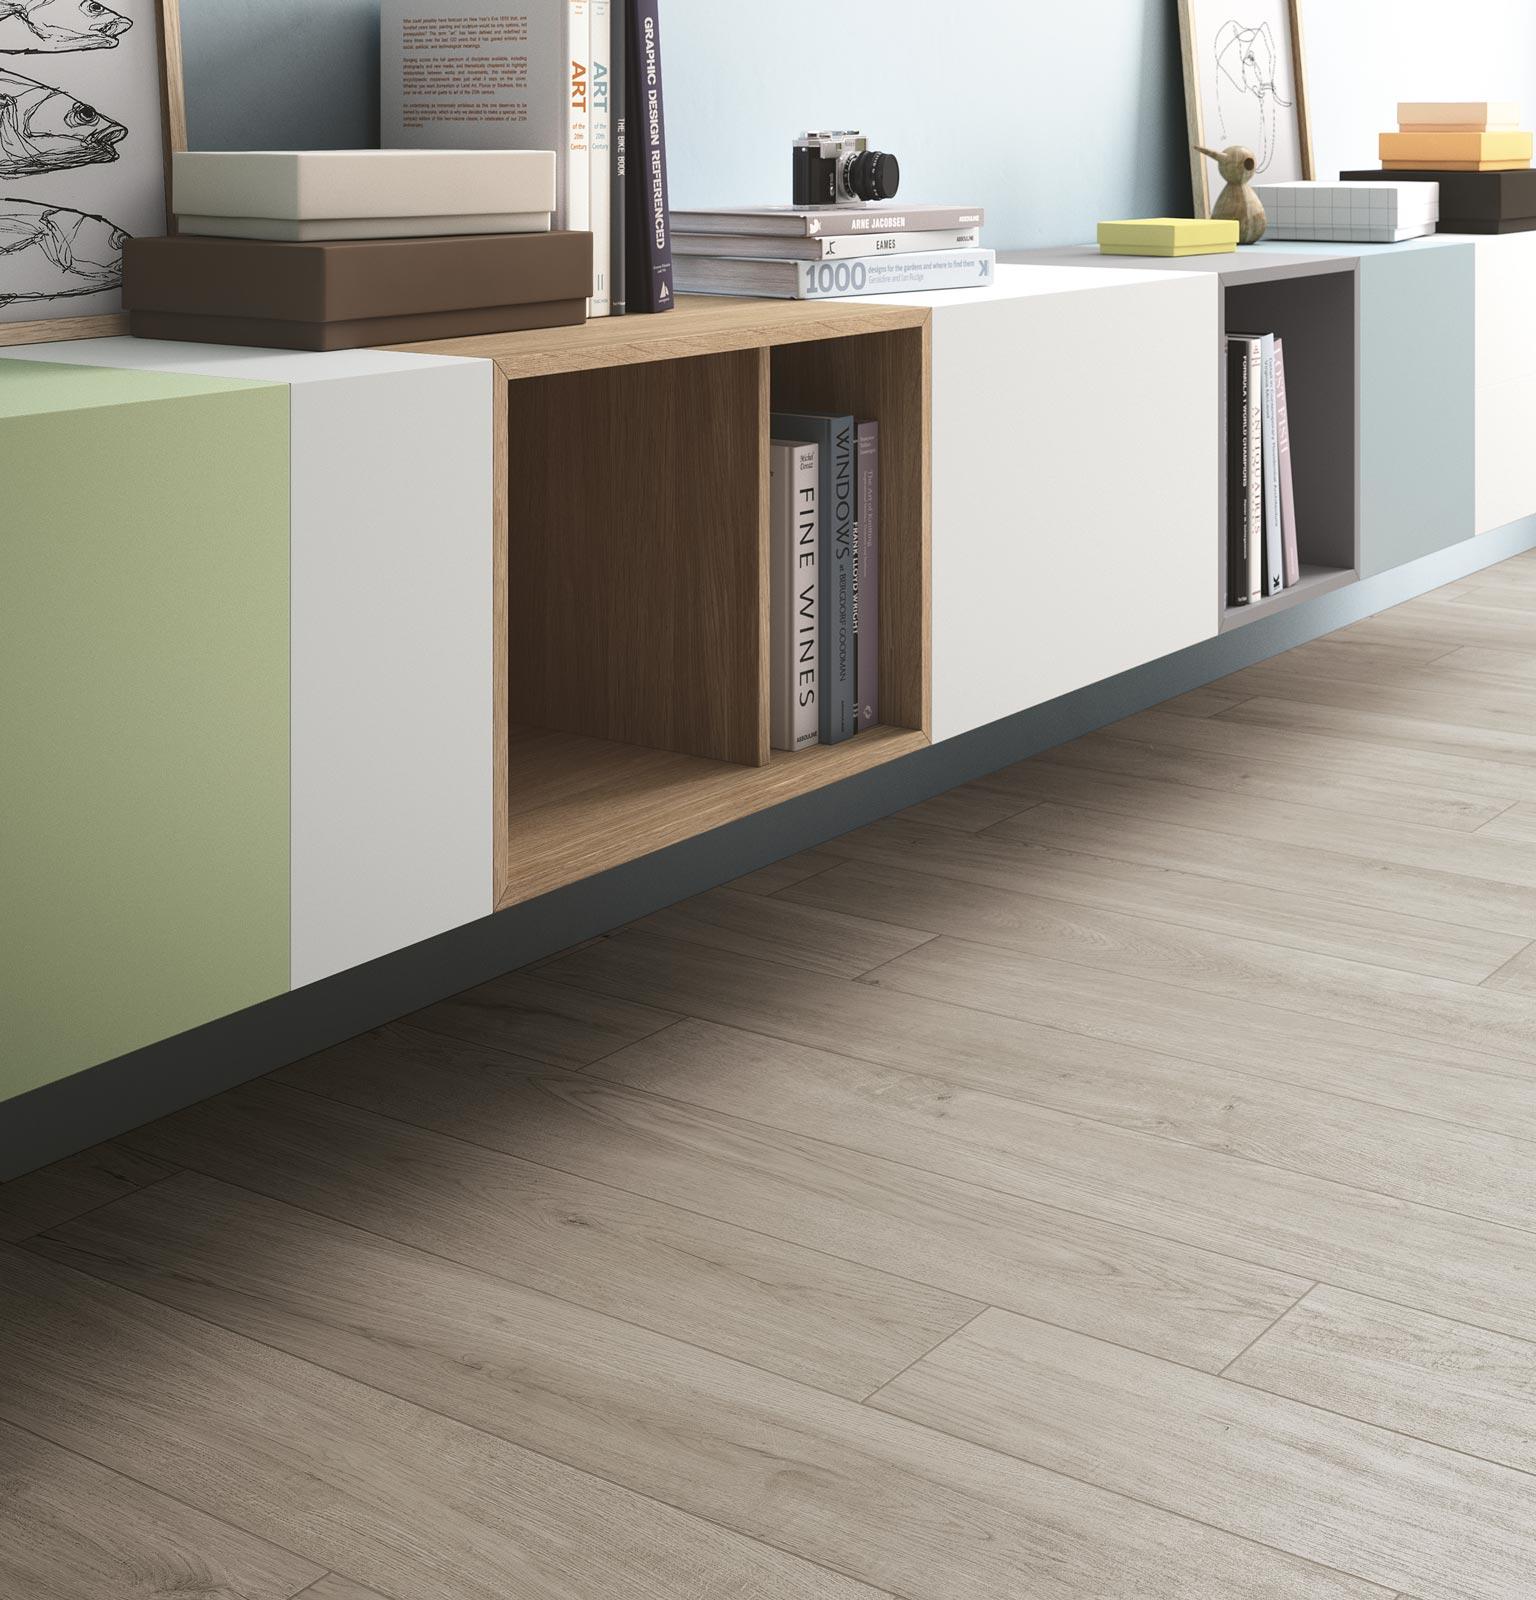 Collezione woodpassion gres porcellanato effetto legno ragno - Piastrelle floor gres ...